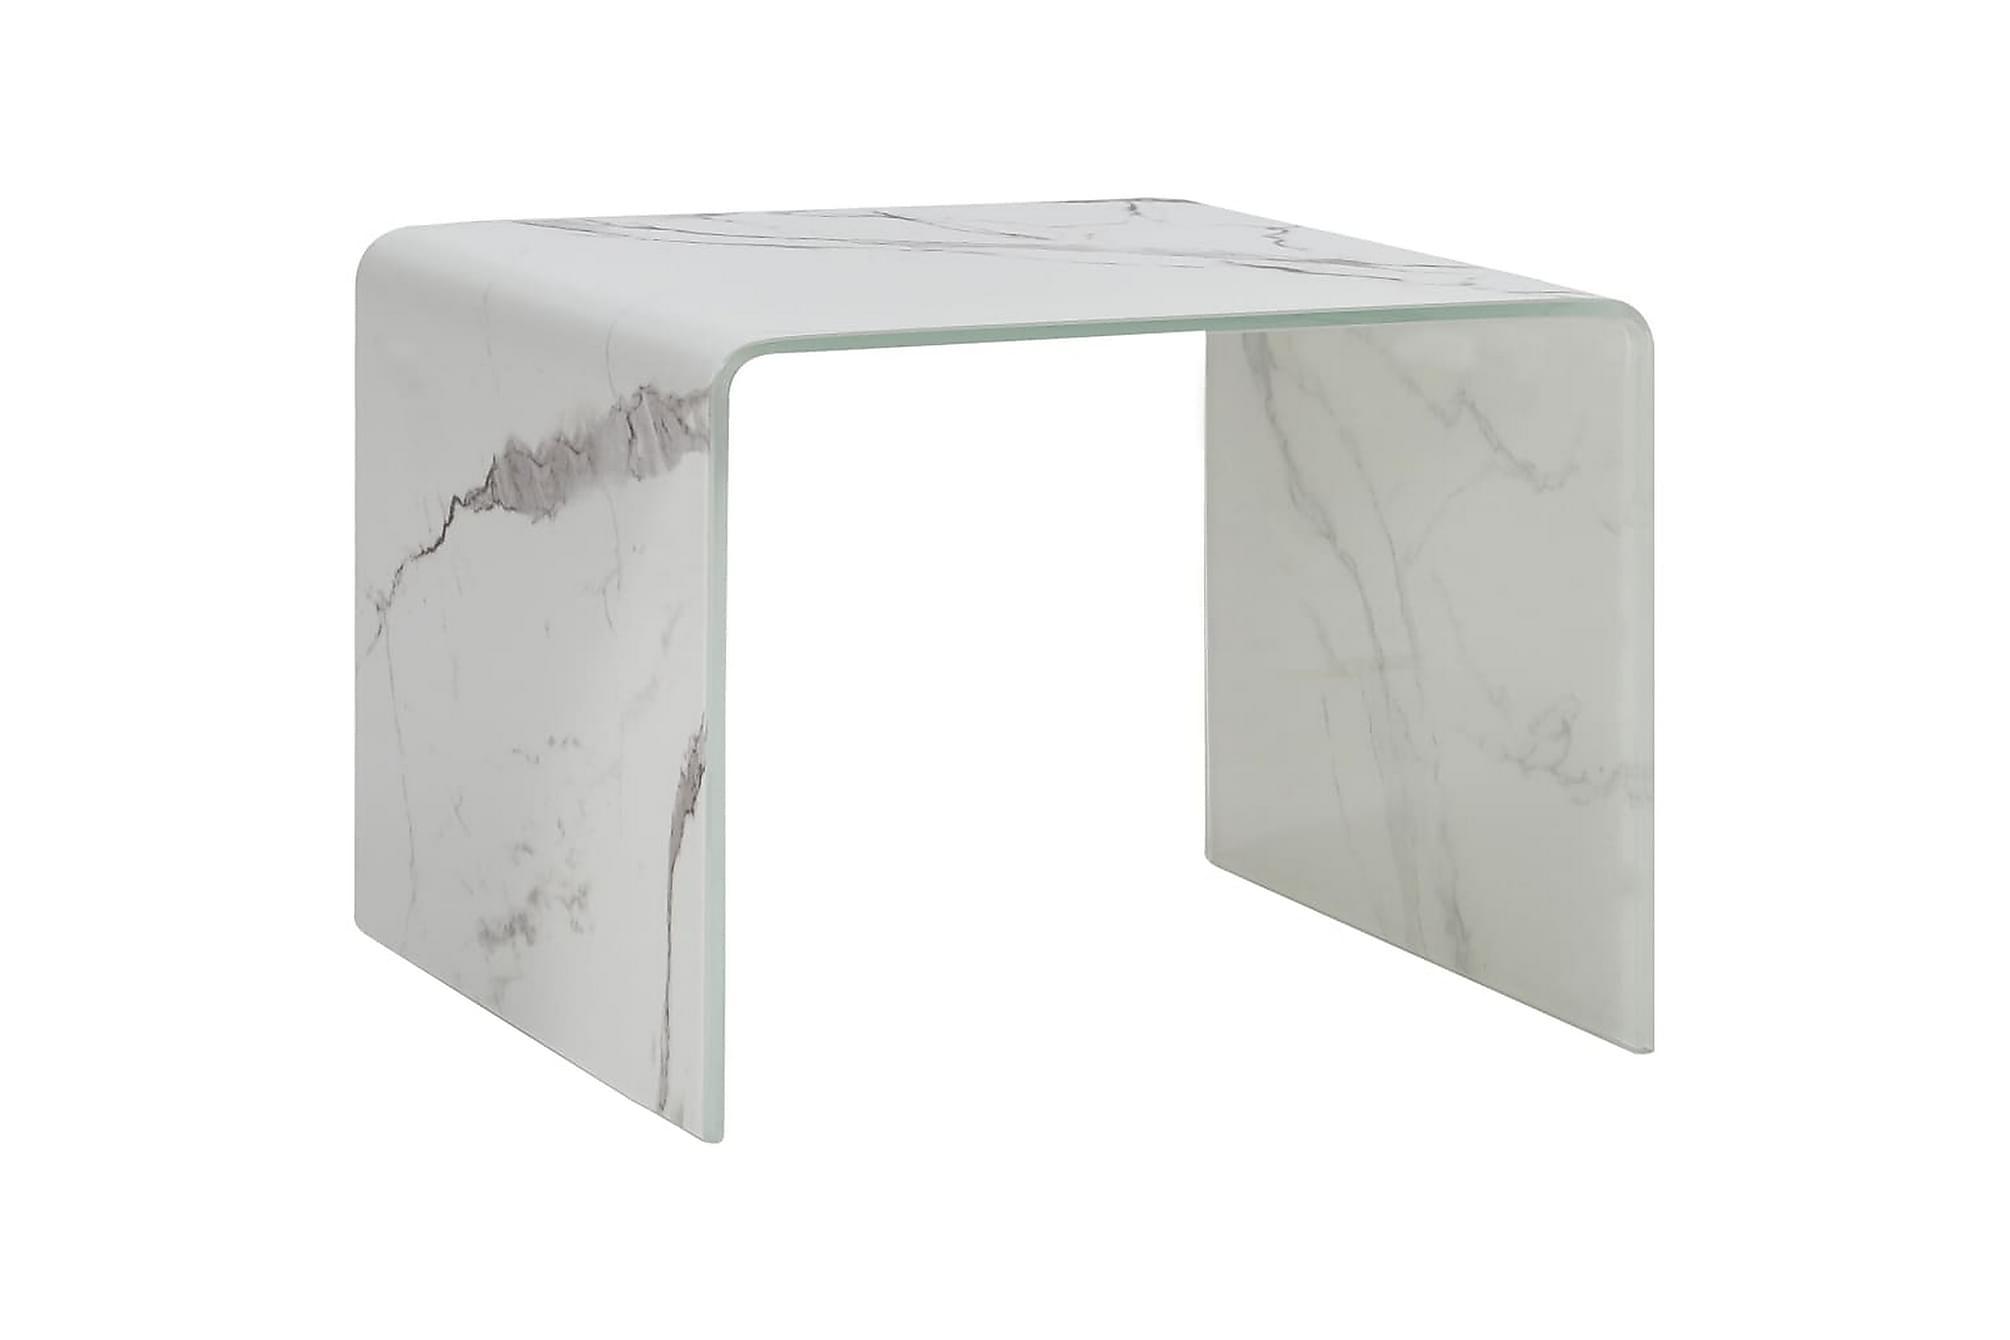 Soffbord vit marmor 50x50x45 cm härdat glas